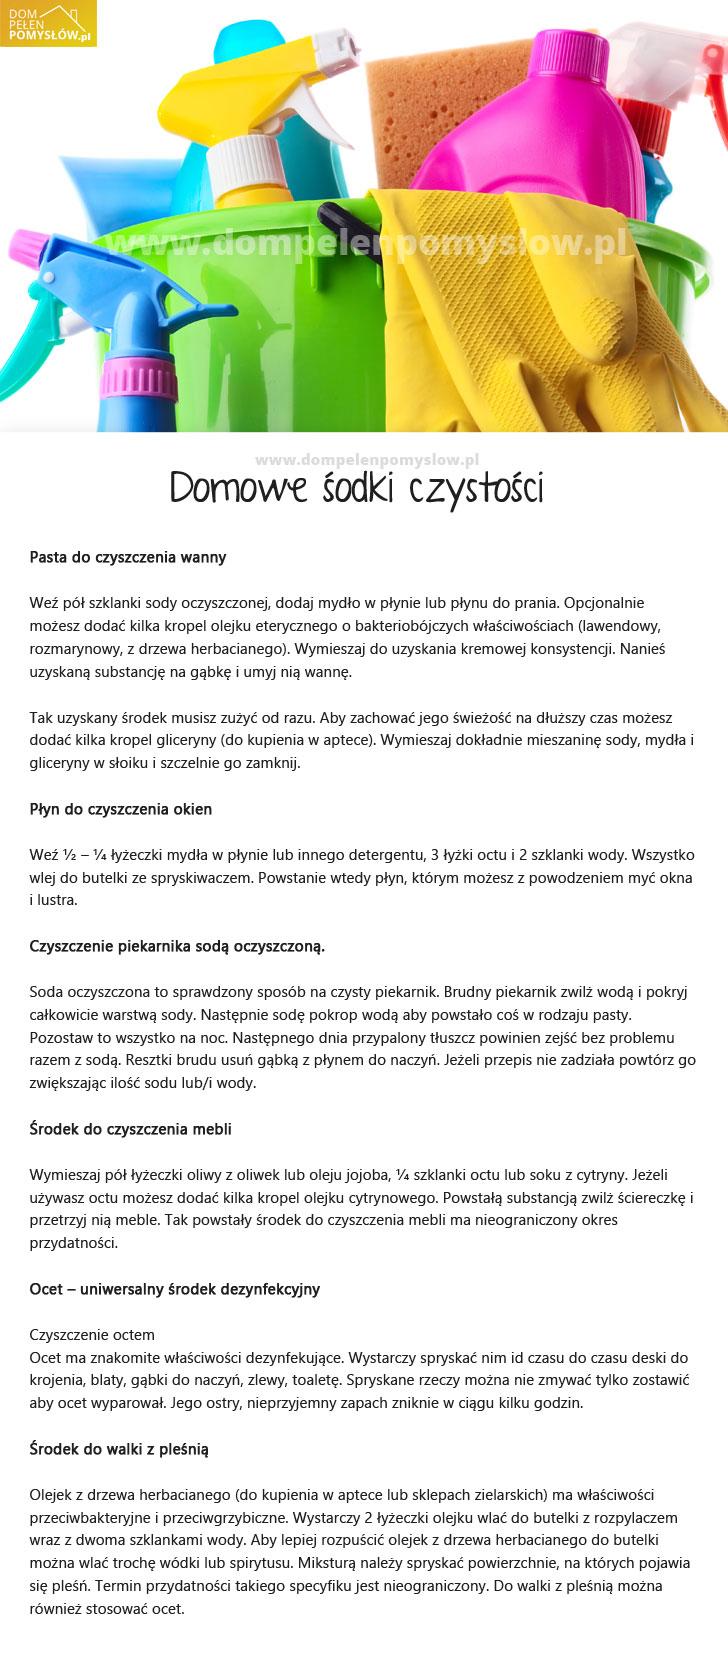 DomPelenPomyslow.pl Domowe środki czystości